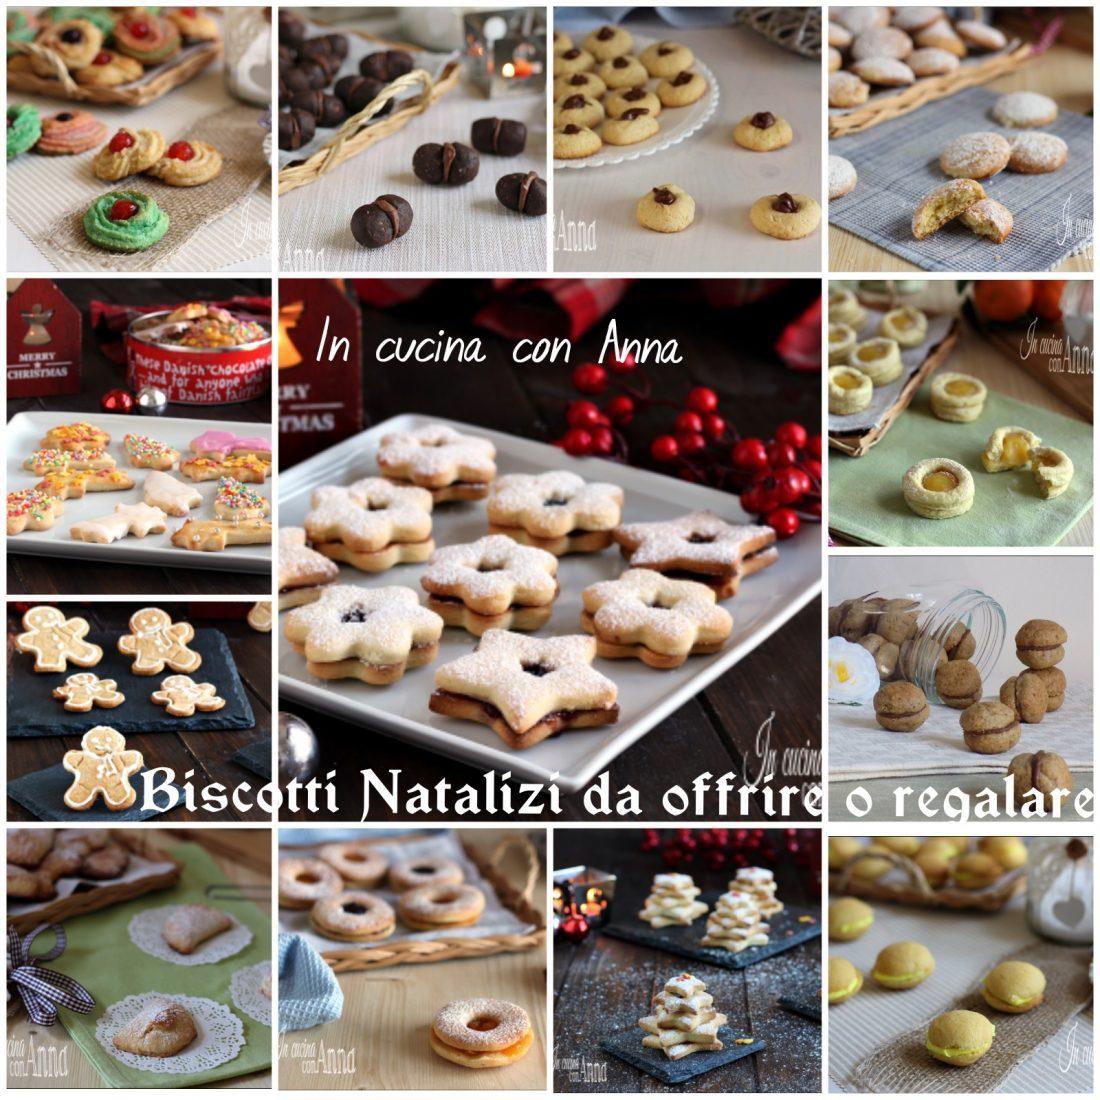 I migliori biscotti da offrire e regalare